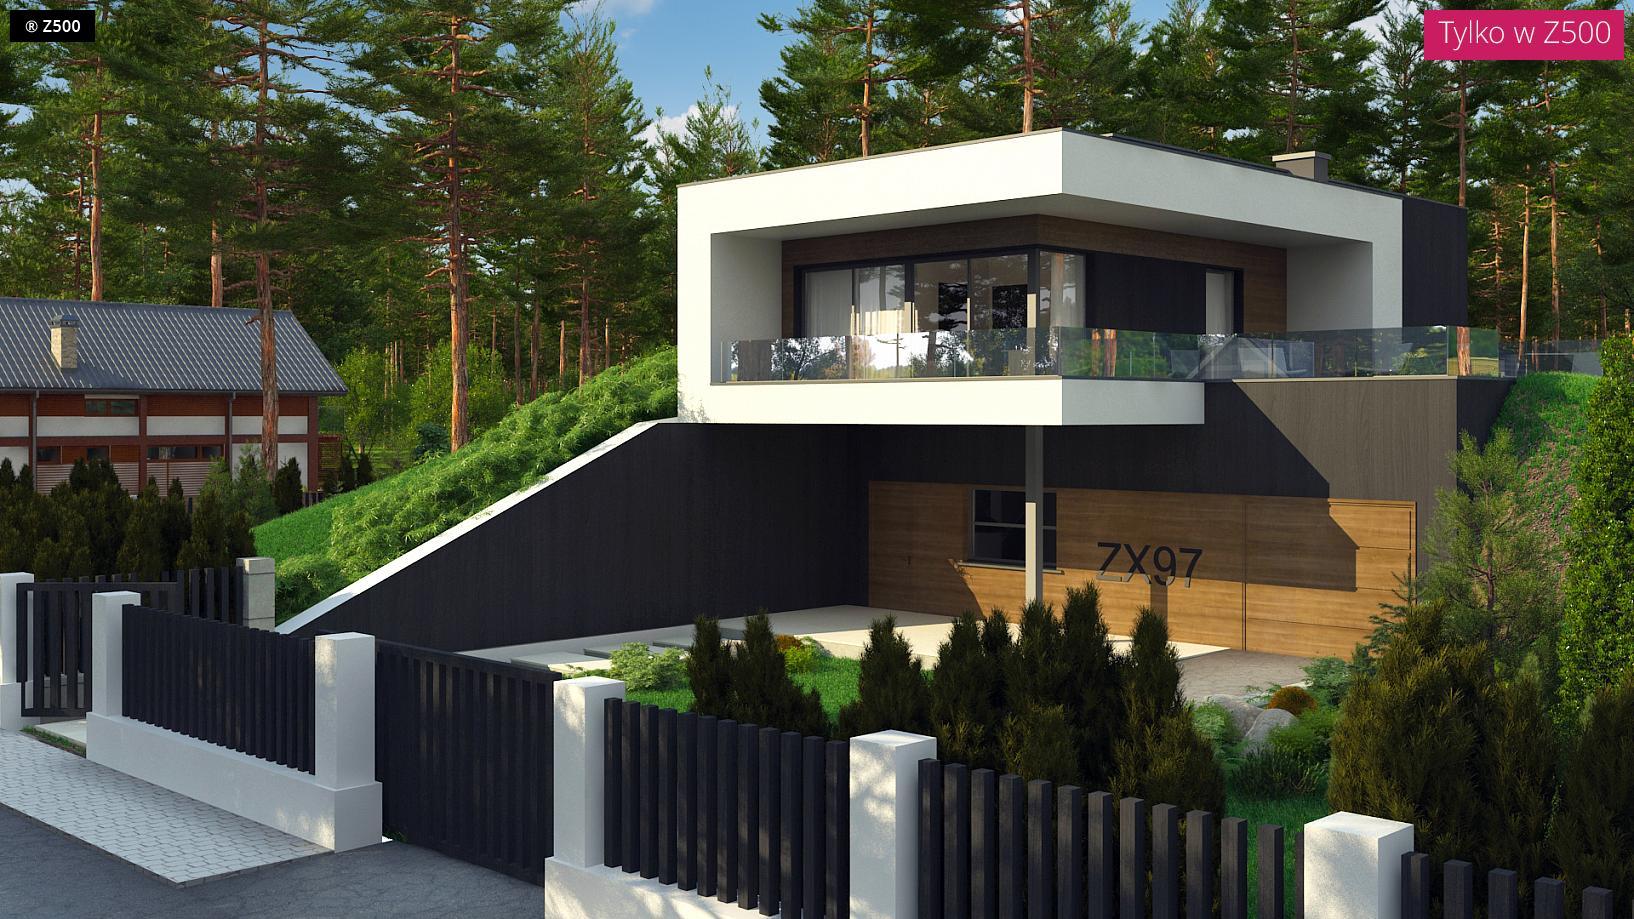 Proyectos de casas casa coru a de dise o moderna for Proyectos casas modernas